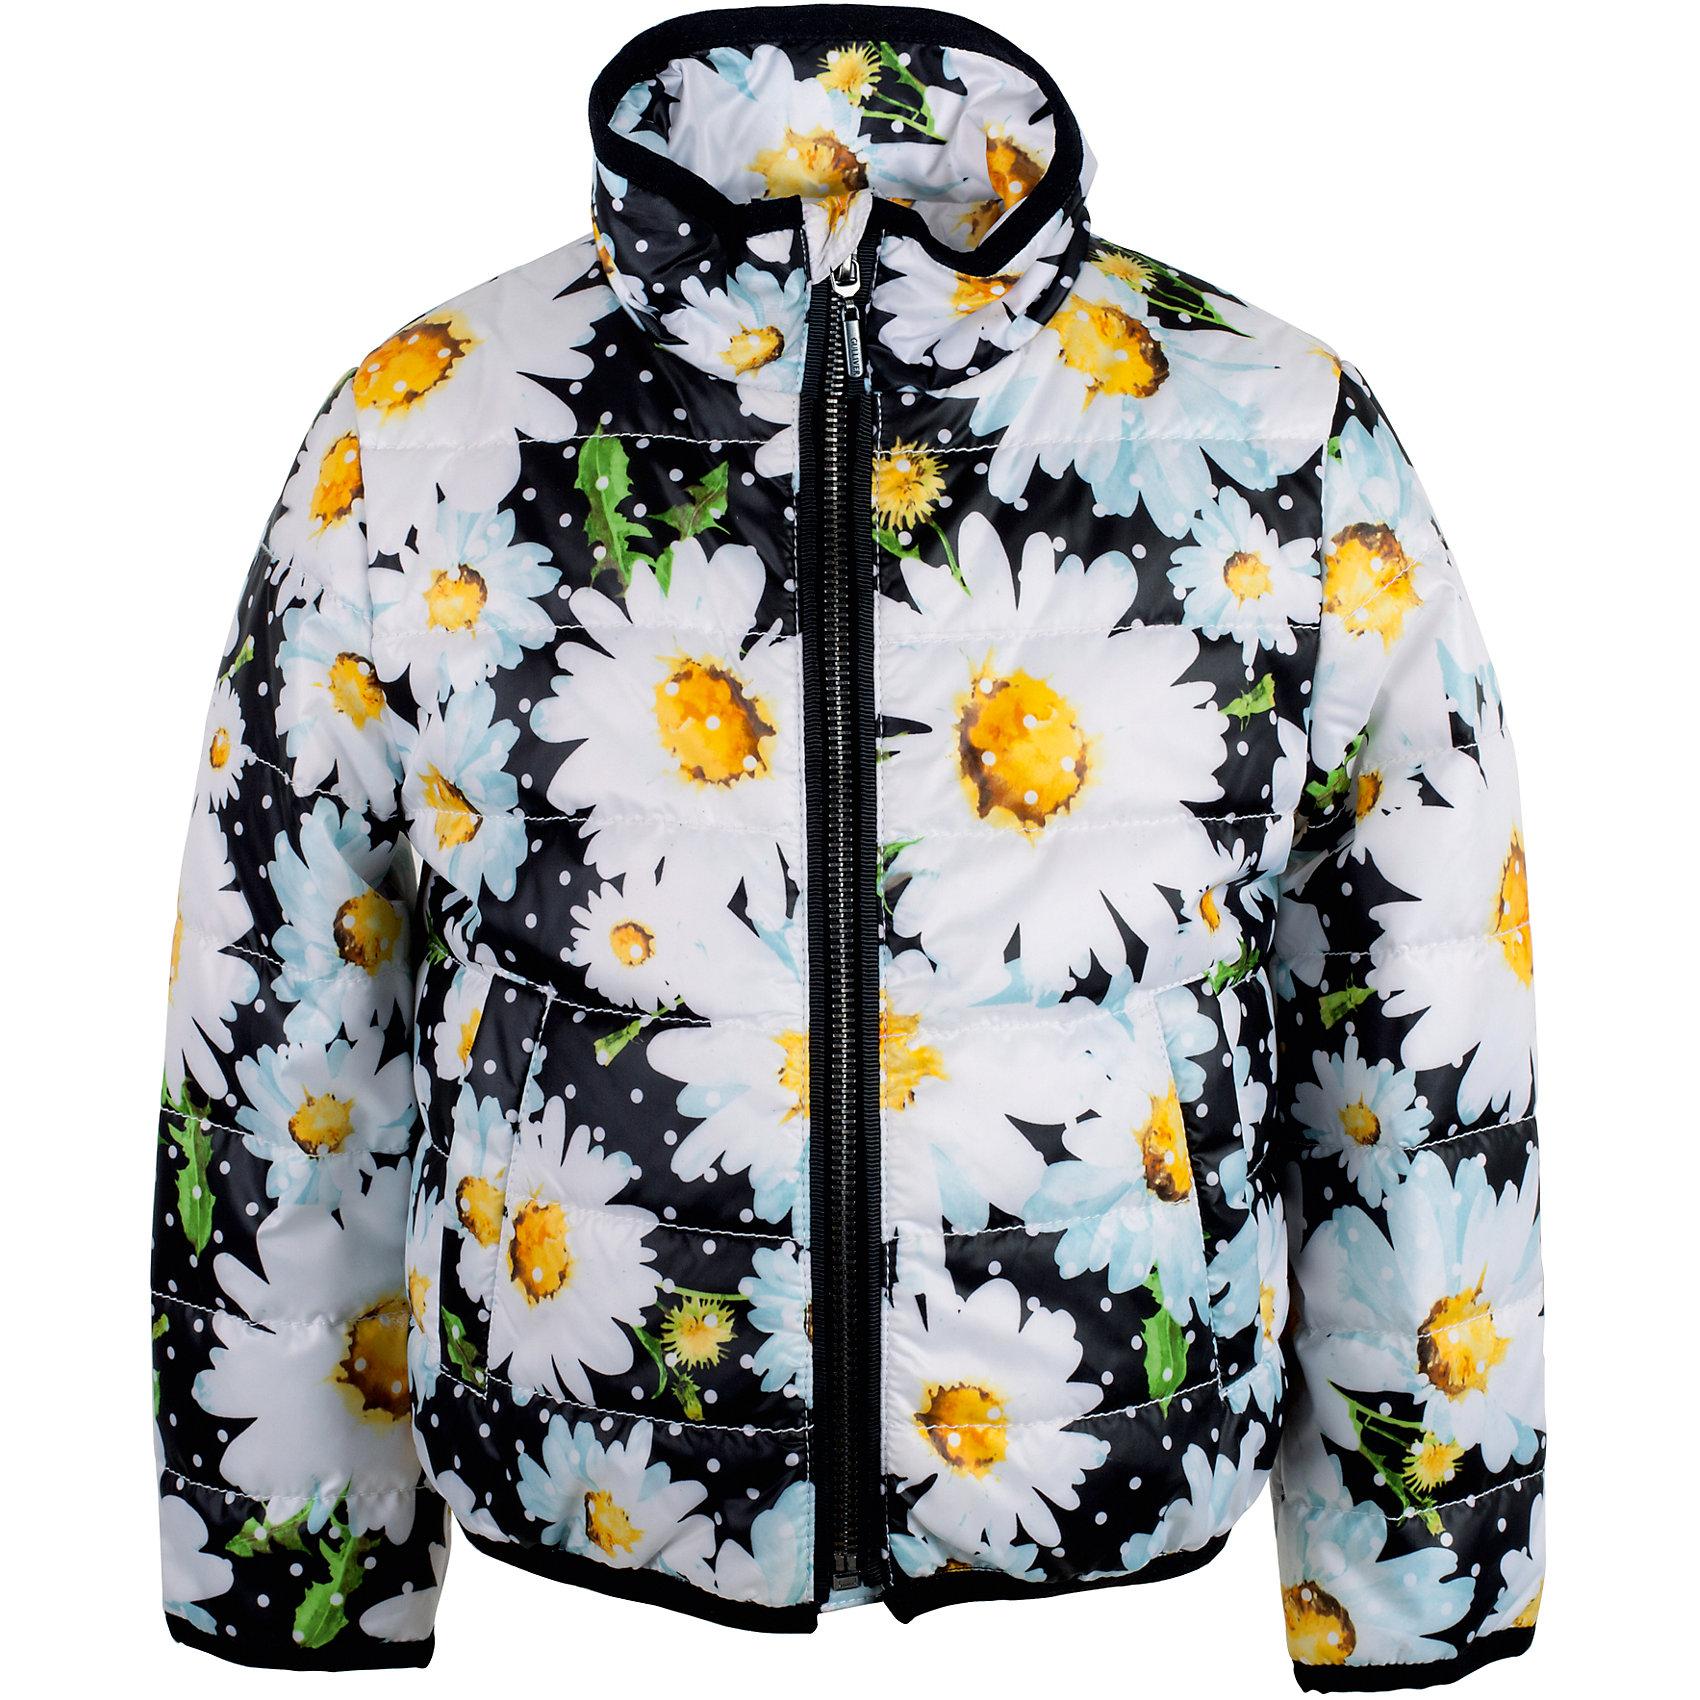 Куртка для девочки GulliverДемисезонные куртки<br>Характеристики товара:<br><br>• цвет: чёрный<br>• материал: 100% полиэстер<br>• подкладка: 50% хлопок 50% полиэстер<br>• утеплитель: 100% полиэстер 100 г/кв.м<br>• температурный режим: от +5°С до +15°С<br>• застёжка: молния<br>• два прорезных кармана по бокам<br>• прямой покрой<br>• без капюшона<br>• сезон: демисезон<br>• страна бренда: Российская Федерация<br>• страна производства: Китай<br><br>Утеплённая куртка чёрного цвета для девочки из коллекции Ромашки от бренда Гулливер. Куртка украшена принтом в виде цветов ромашки. Надежно защитит от ветра и непогоды в межсезонье. <br><br>Куртку для девочки от известного бренда Gulliver можно купить в нашем интернет-магазине.<br><br>Ширина мм: 356<br>Глубина мм: 10<br>Высота мм: 245<br>Вес г: 519<br>Цвет: черный<br>Возраст от месяцев: 24<br>Возраст до месяцев: 36<br>Пол: Женский<br>Возраст: Детский<br>Размер: 98,104,110,116<br>SKU: 5483569